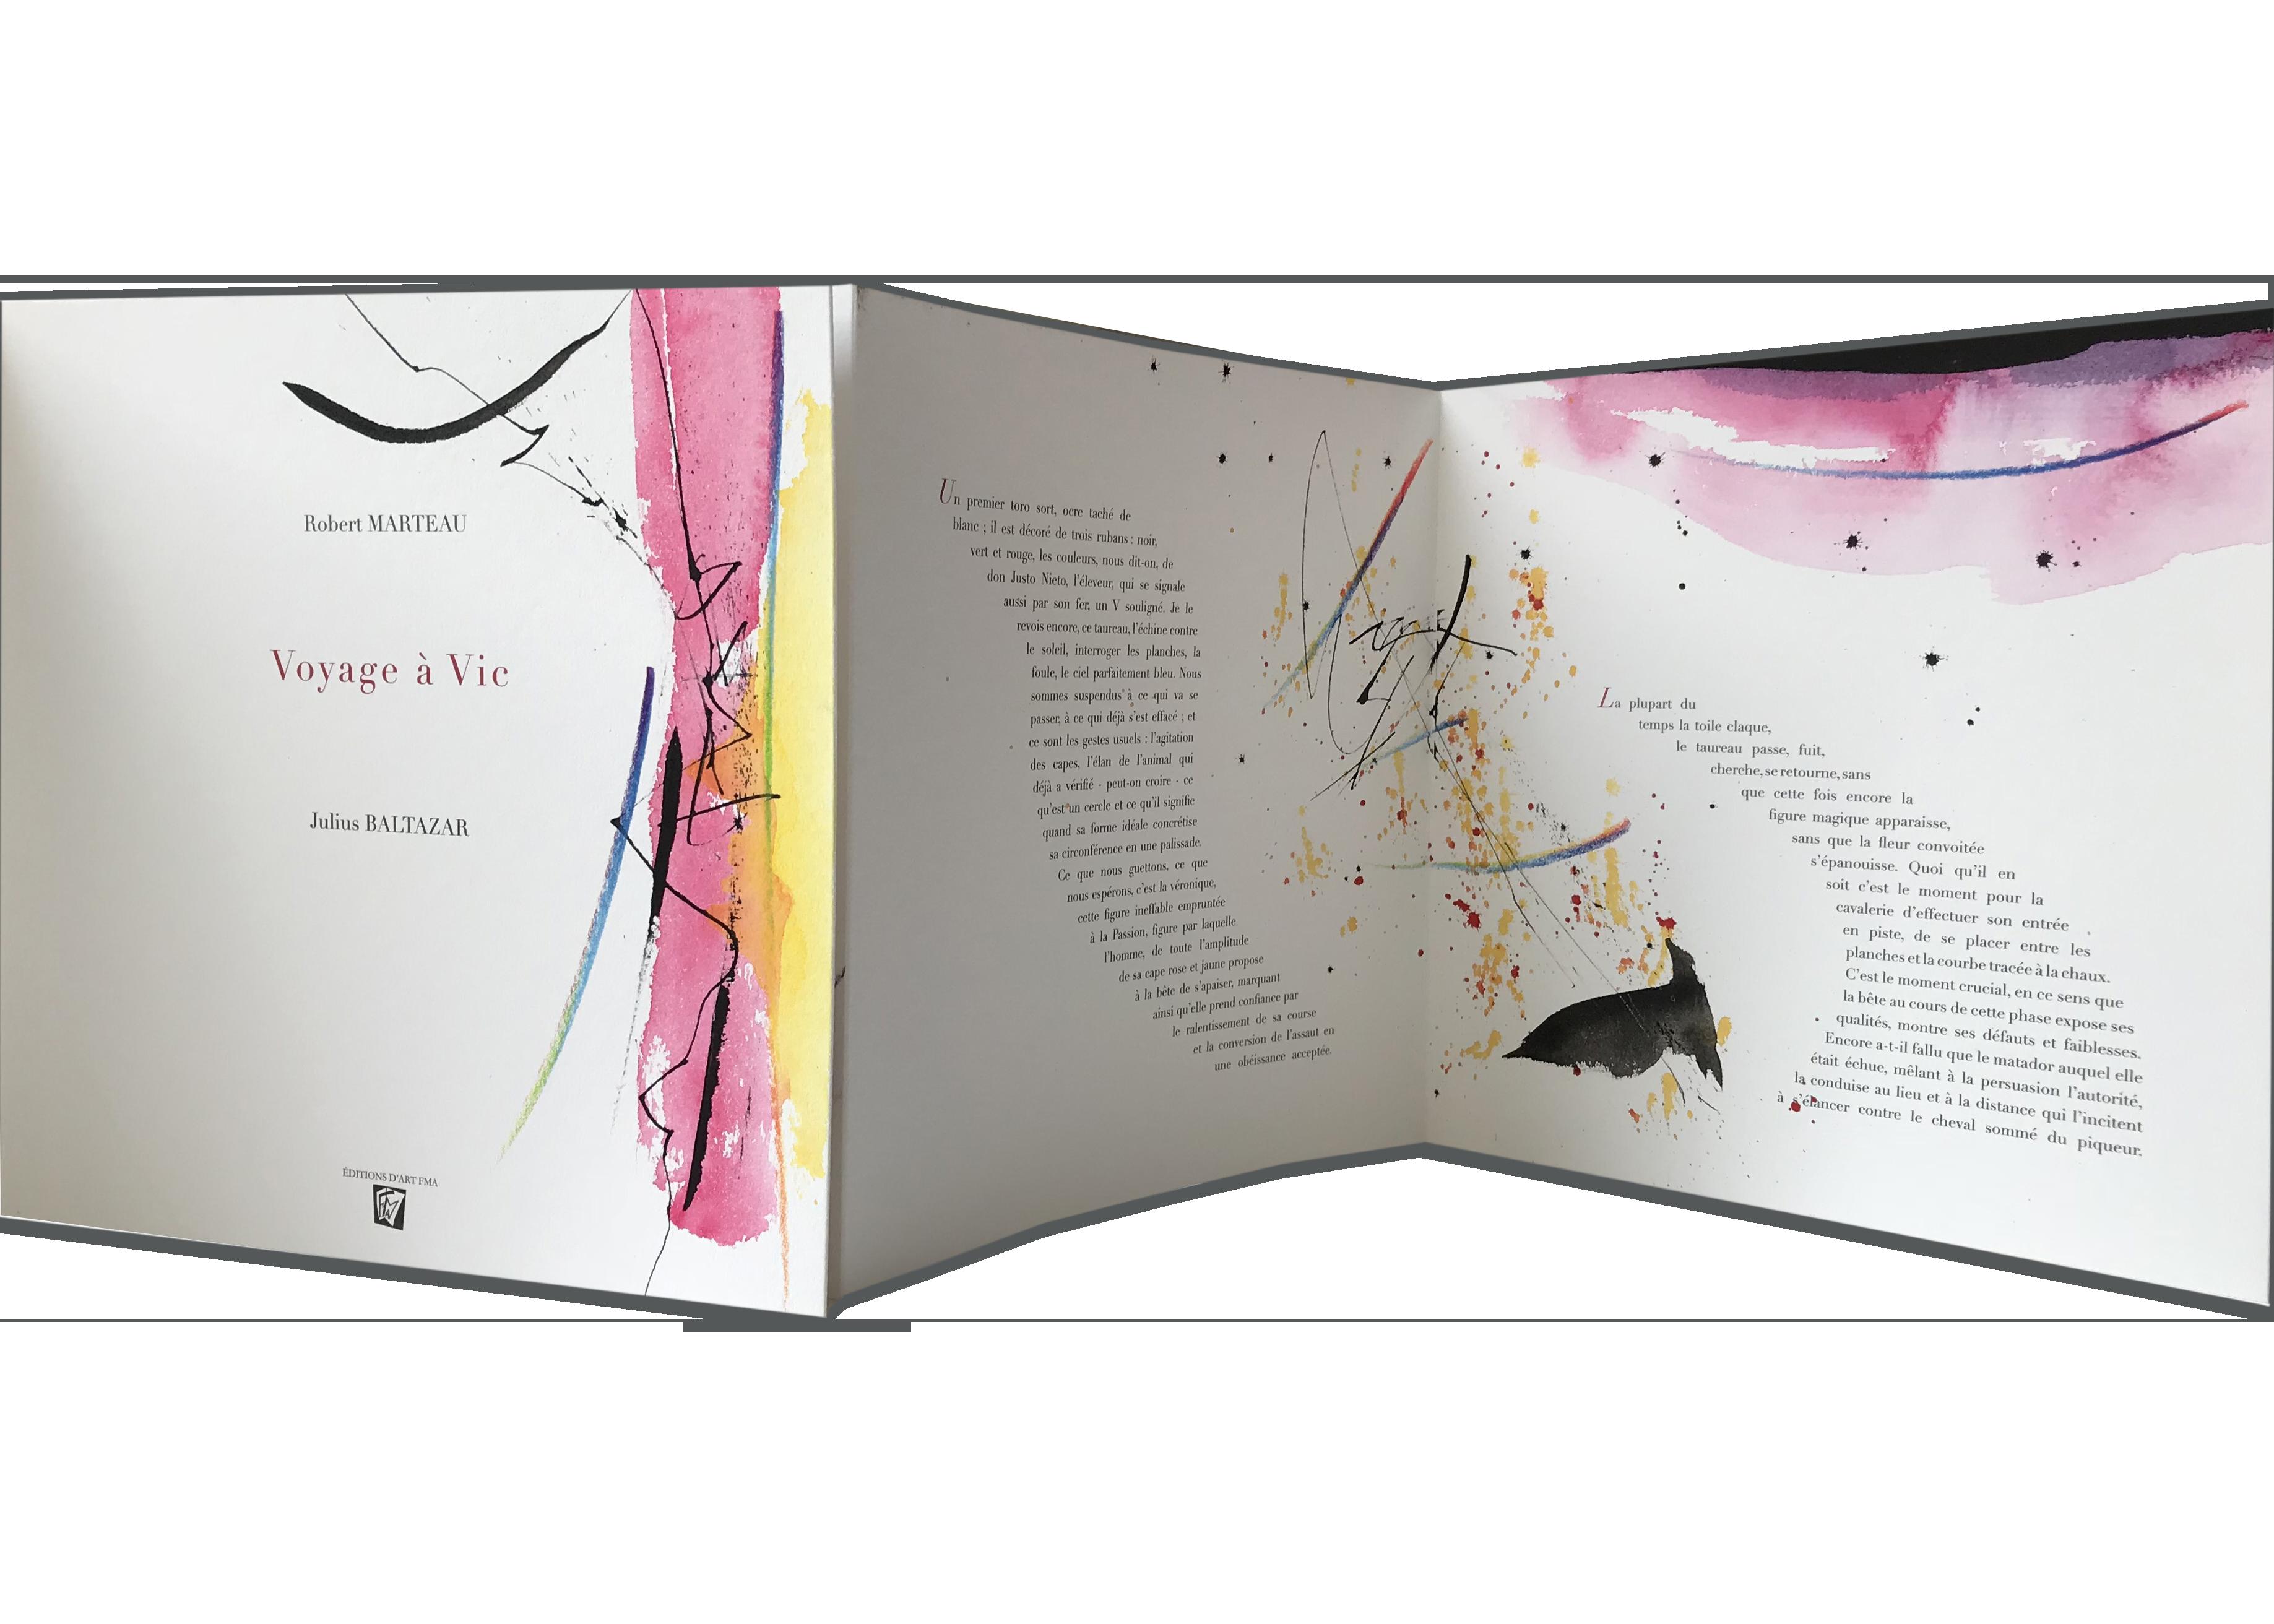 VOYAGE A VIC, un des 3 volumes de TOROS